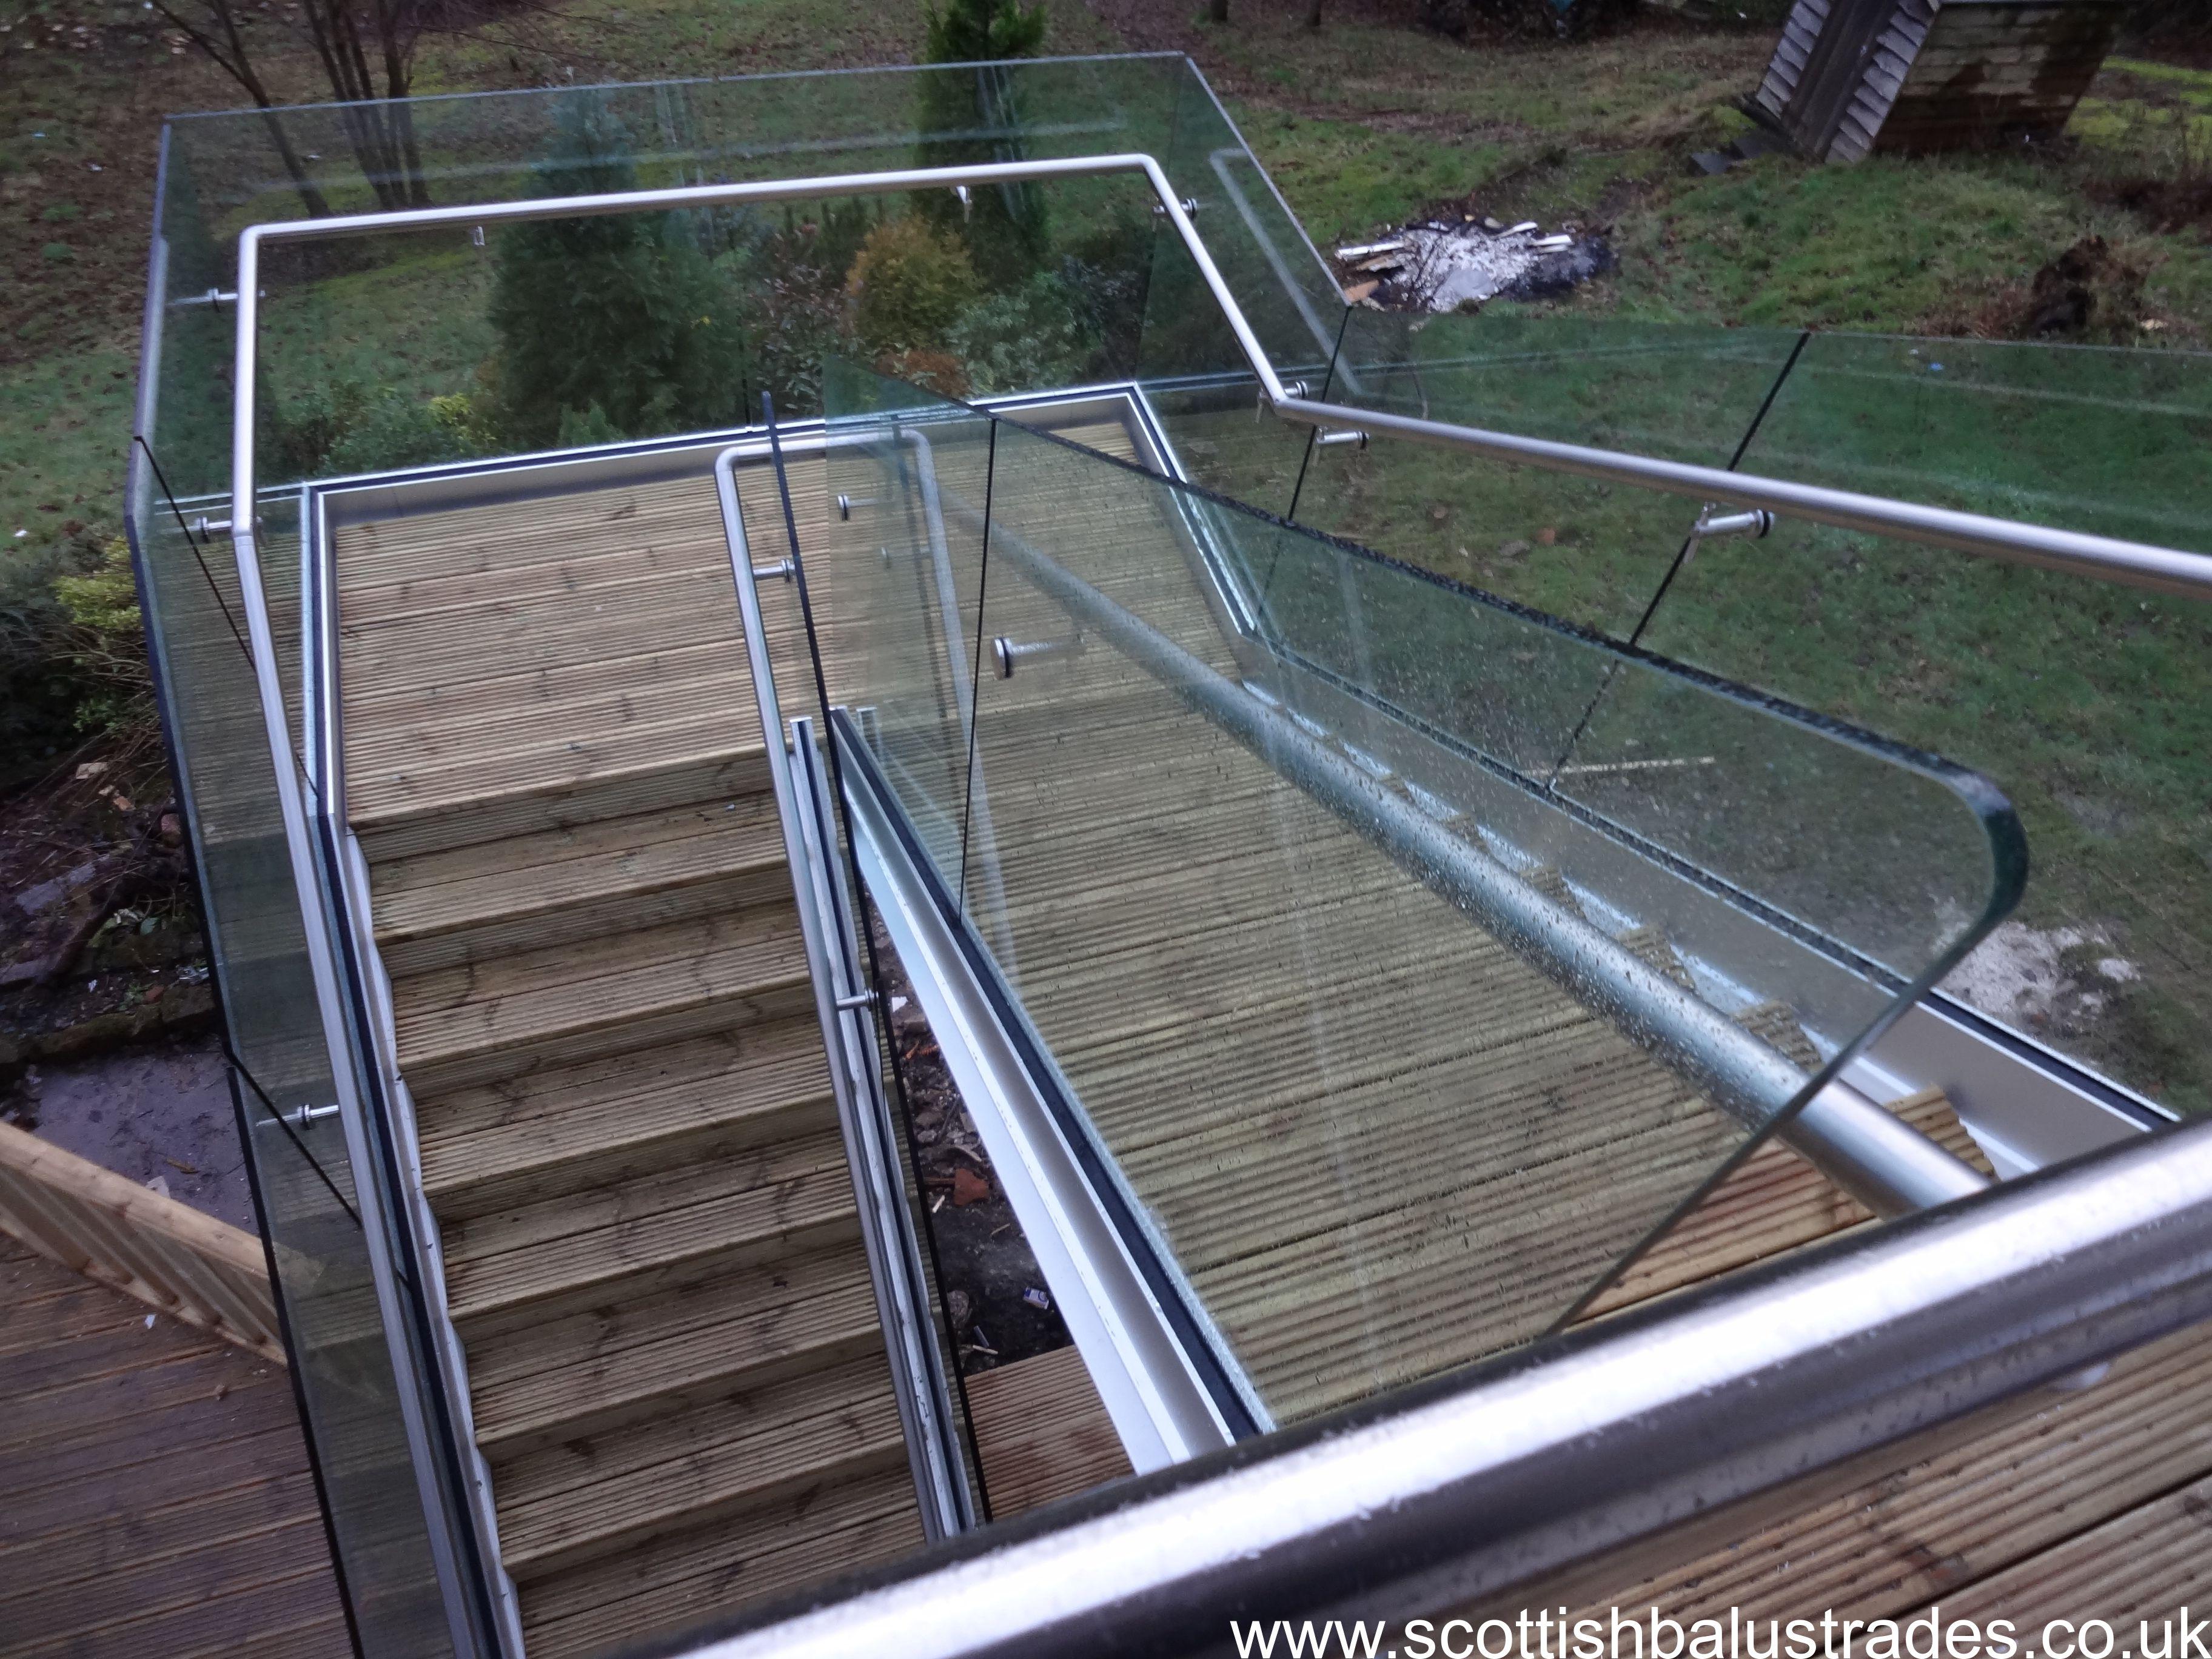 external handrails for steps uk. frameless glass balustrade with side fixing handrail for external stairs. handrails steps uk